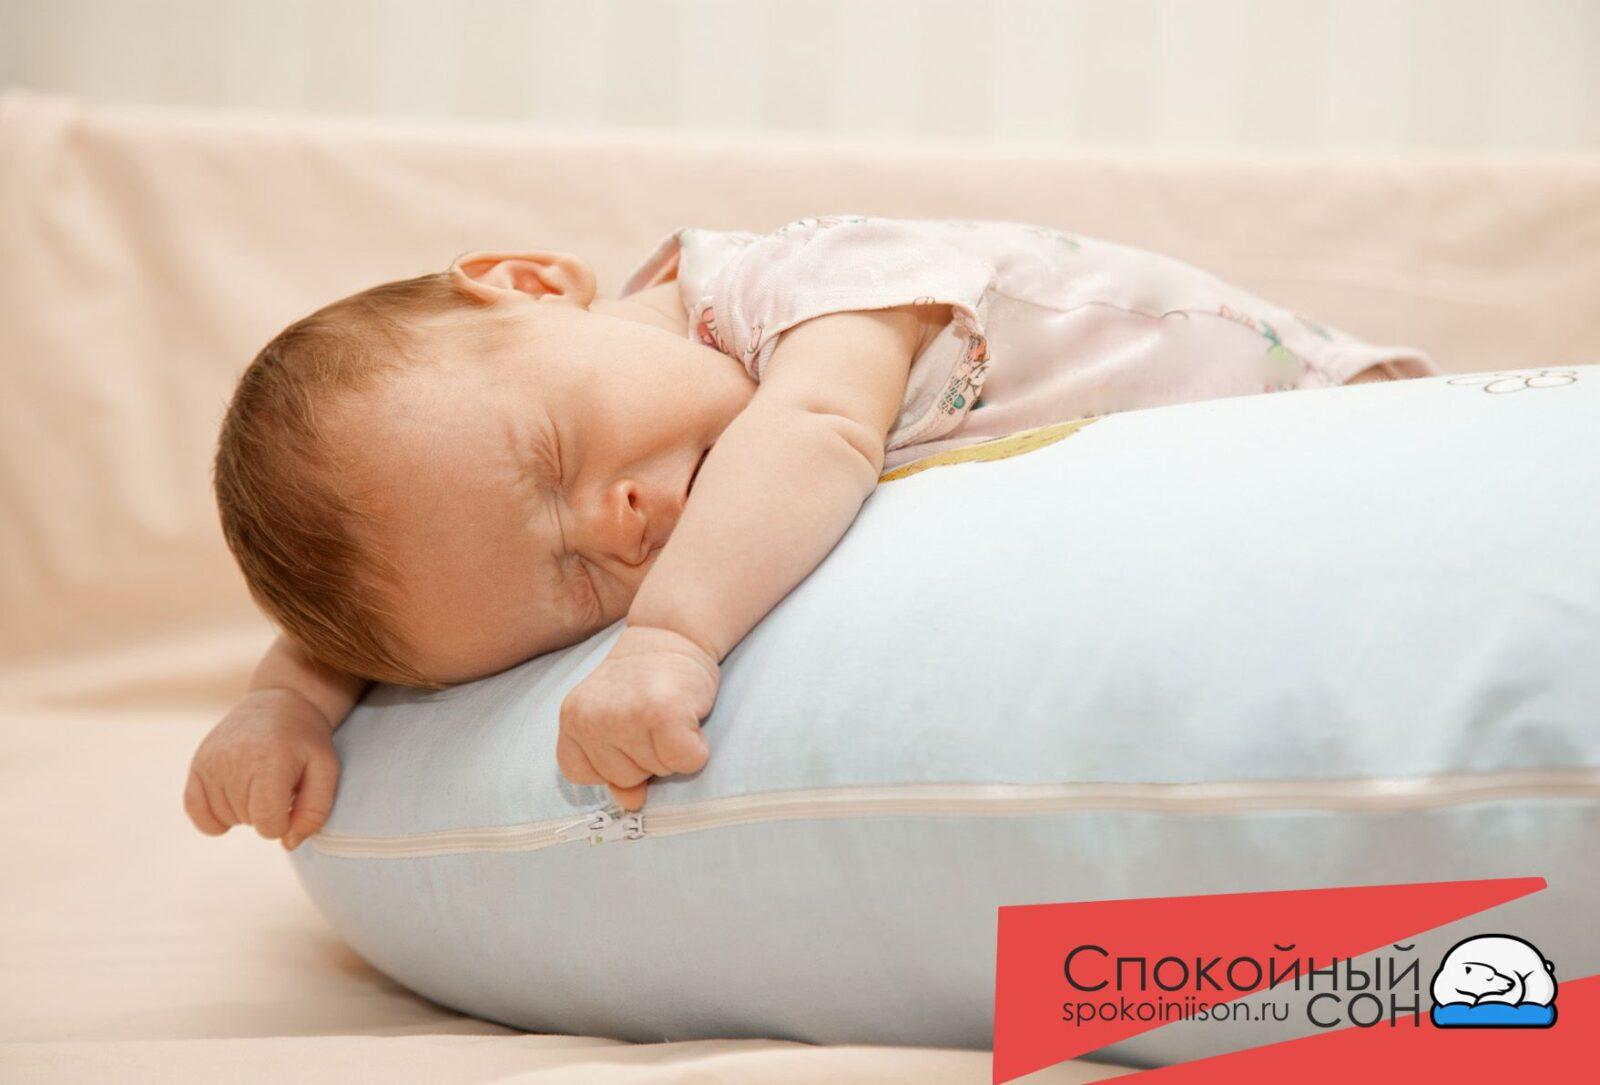 Если ребенок встает ранним утром, то есть с 6:00 до 8:00, дневной сон ему необходим для восстановления физического и психоэмоционального состояния.